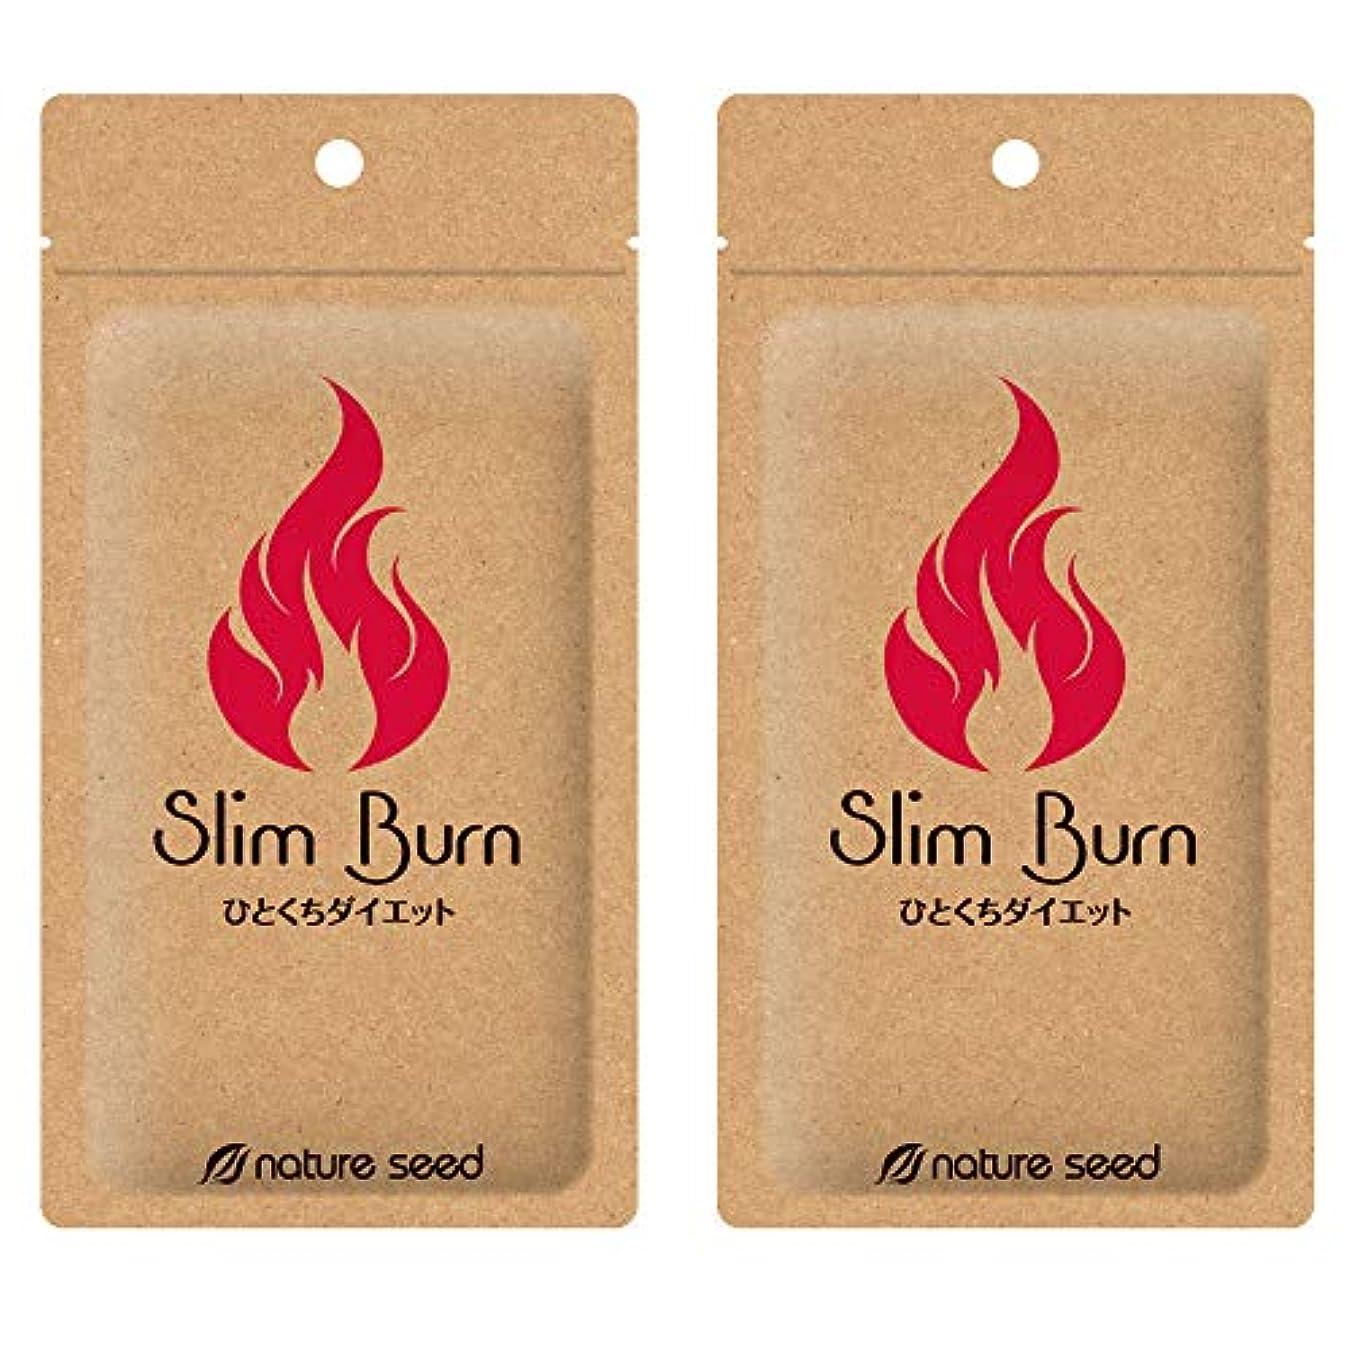 ブートオフセットナット[燃焼サプリ]ダイエット 脂肪燃焼 くびれメイクをサポート サプリメント スリムバーン 2袋(約60日分)